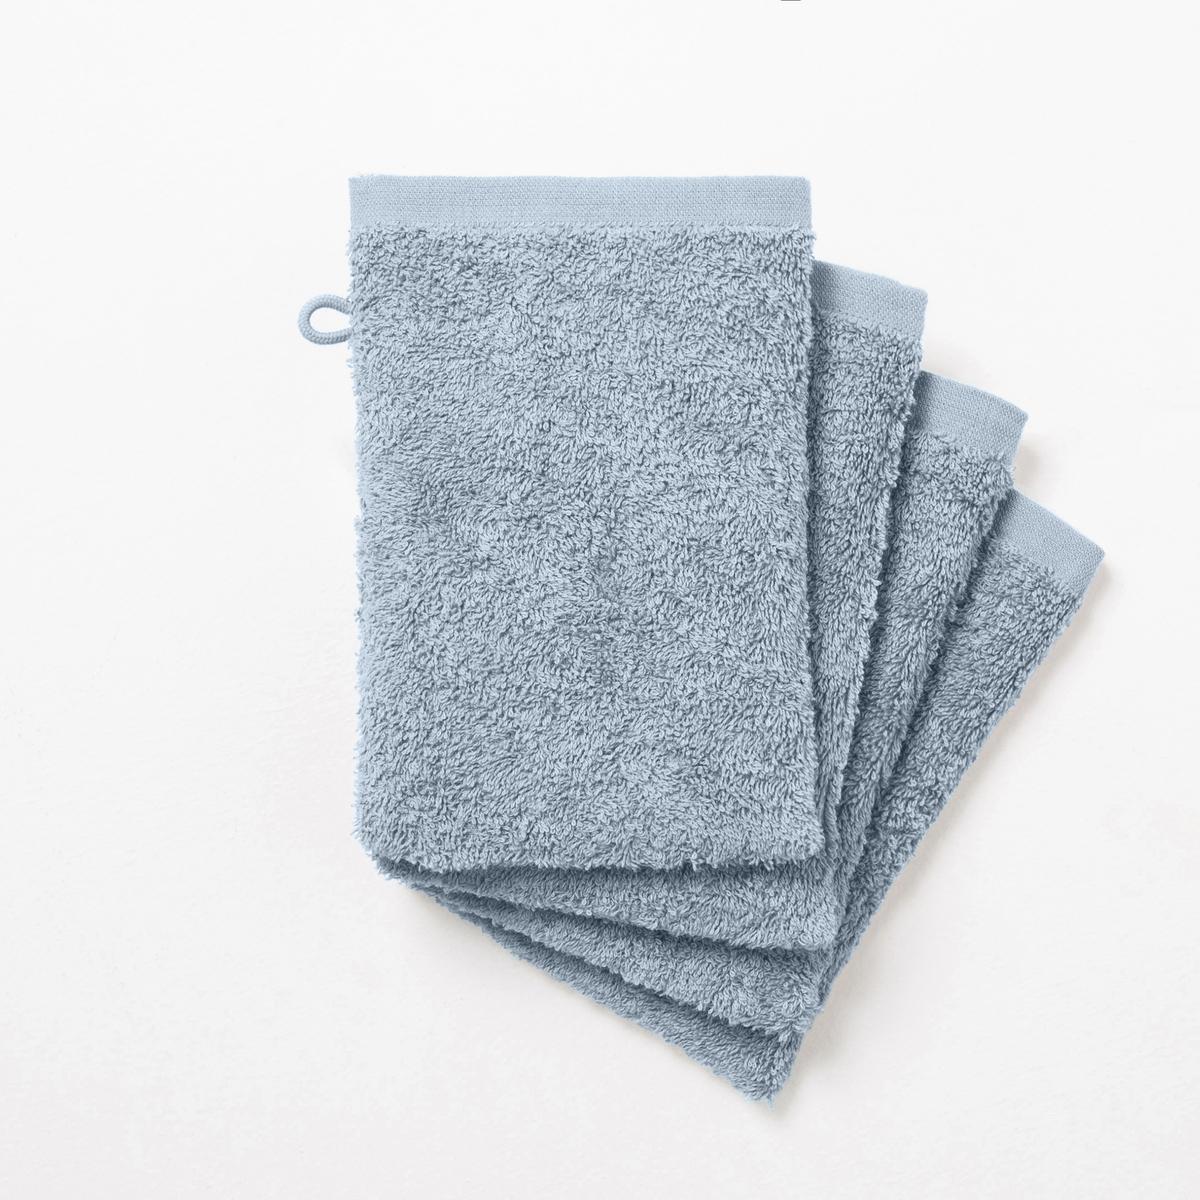 Комплект из 4 банных рукавичек 500 г/м?Банные рукавички из высококачественной махровой ткани, 100% хлопок, (500 г/м?), очень нежной, мягкой и отлично впитывающей влагу.Банные рукавички различных цветов для ванной...Характеристики банных рукавичек :- Махровая ткань, 100% хлопок (500 г/м?).- Отделка краев диагонали.- Машинная стирка при 60 °С.- Машинная сушка.- Замечательная износоустойчивость, сохраняет мягкость и яркость окраски после многочисленных стирок.- Размеры банных рукавичек : - 15 x 21 см.Знак Oeko-Tex® гарантирует, что товары протестированы, сертифицированы и не содержат вредных для здоровья веществ.<br><br>Цвет: белый,красный карминный,серо-синий,серый,сине-зеленый,синий морской волны,темно-серый,фиолетовый,черный<br>Размер: 15 x 21  см.15 x 21  см.15 x 21  см.15 x 21  см